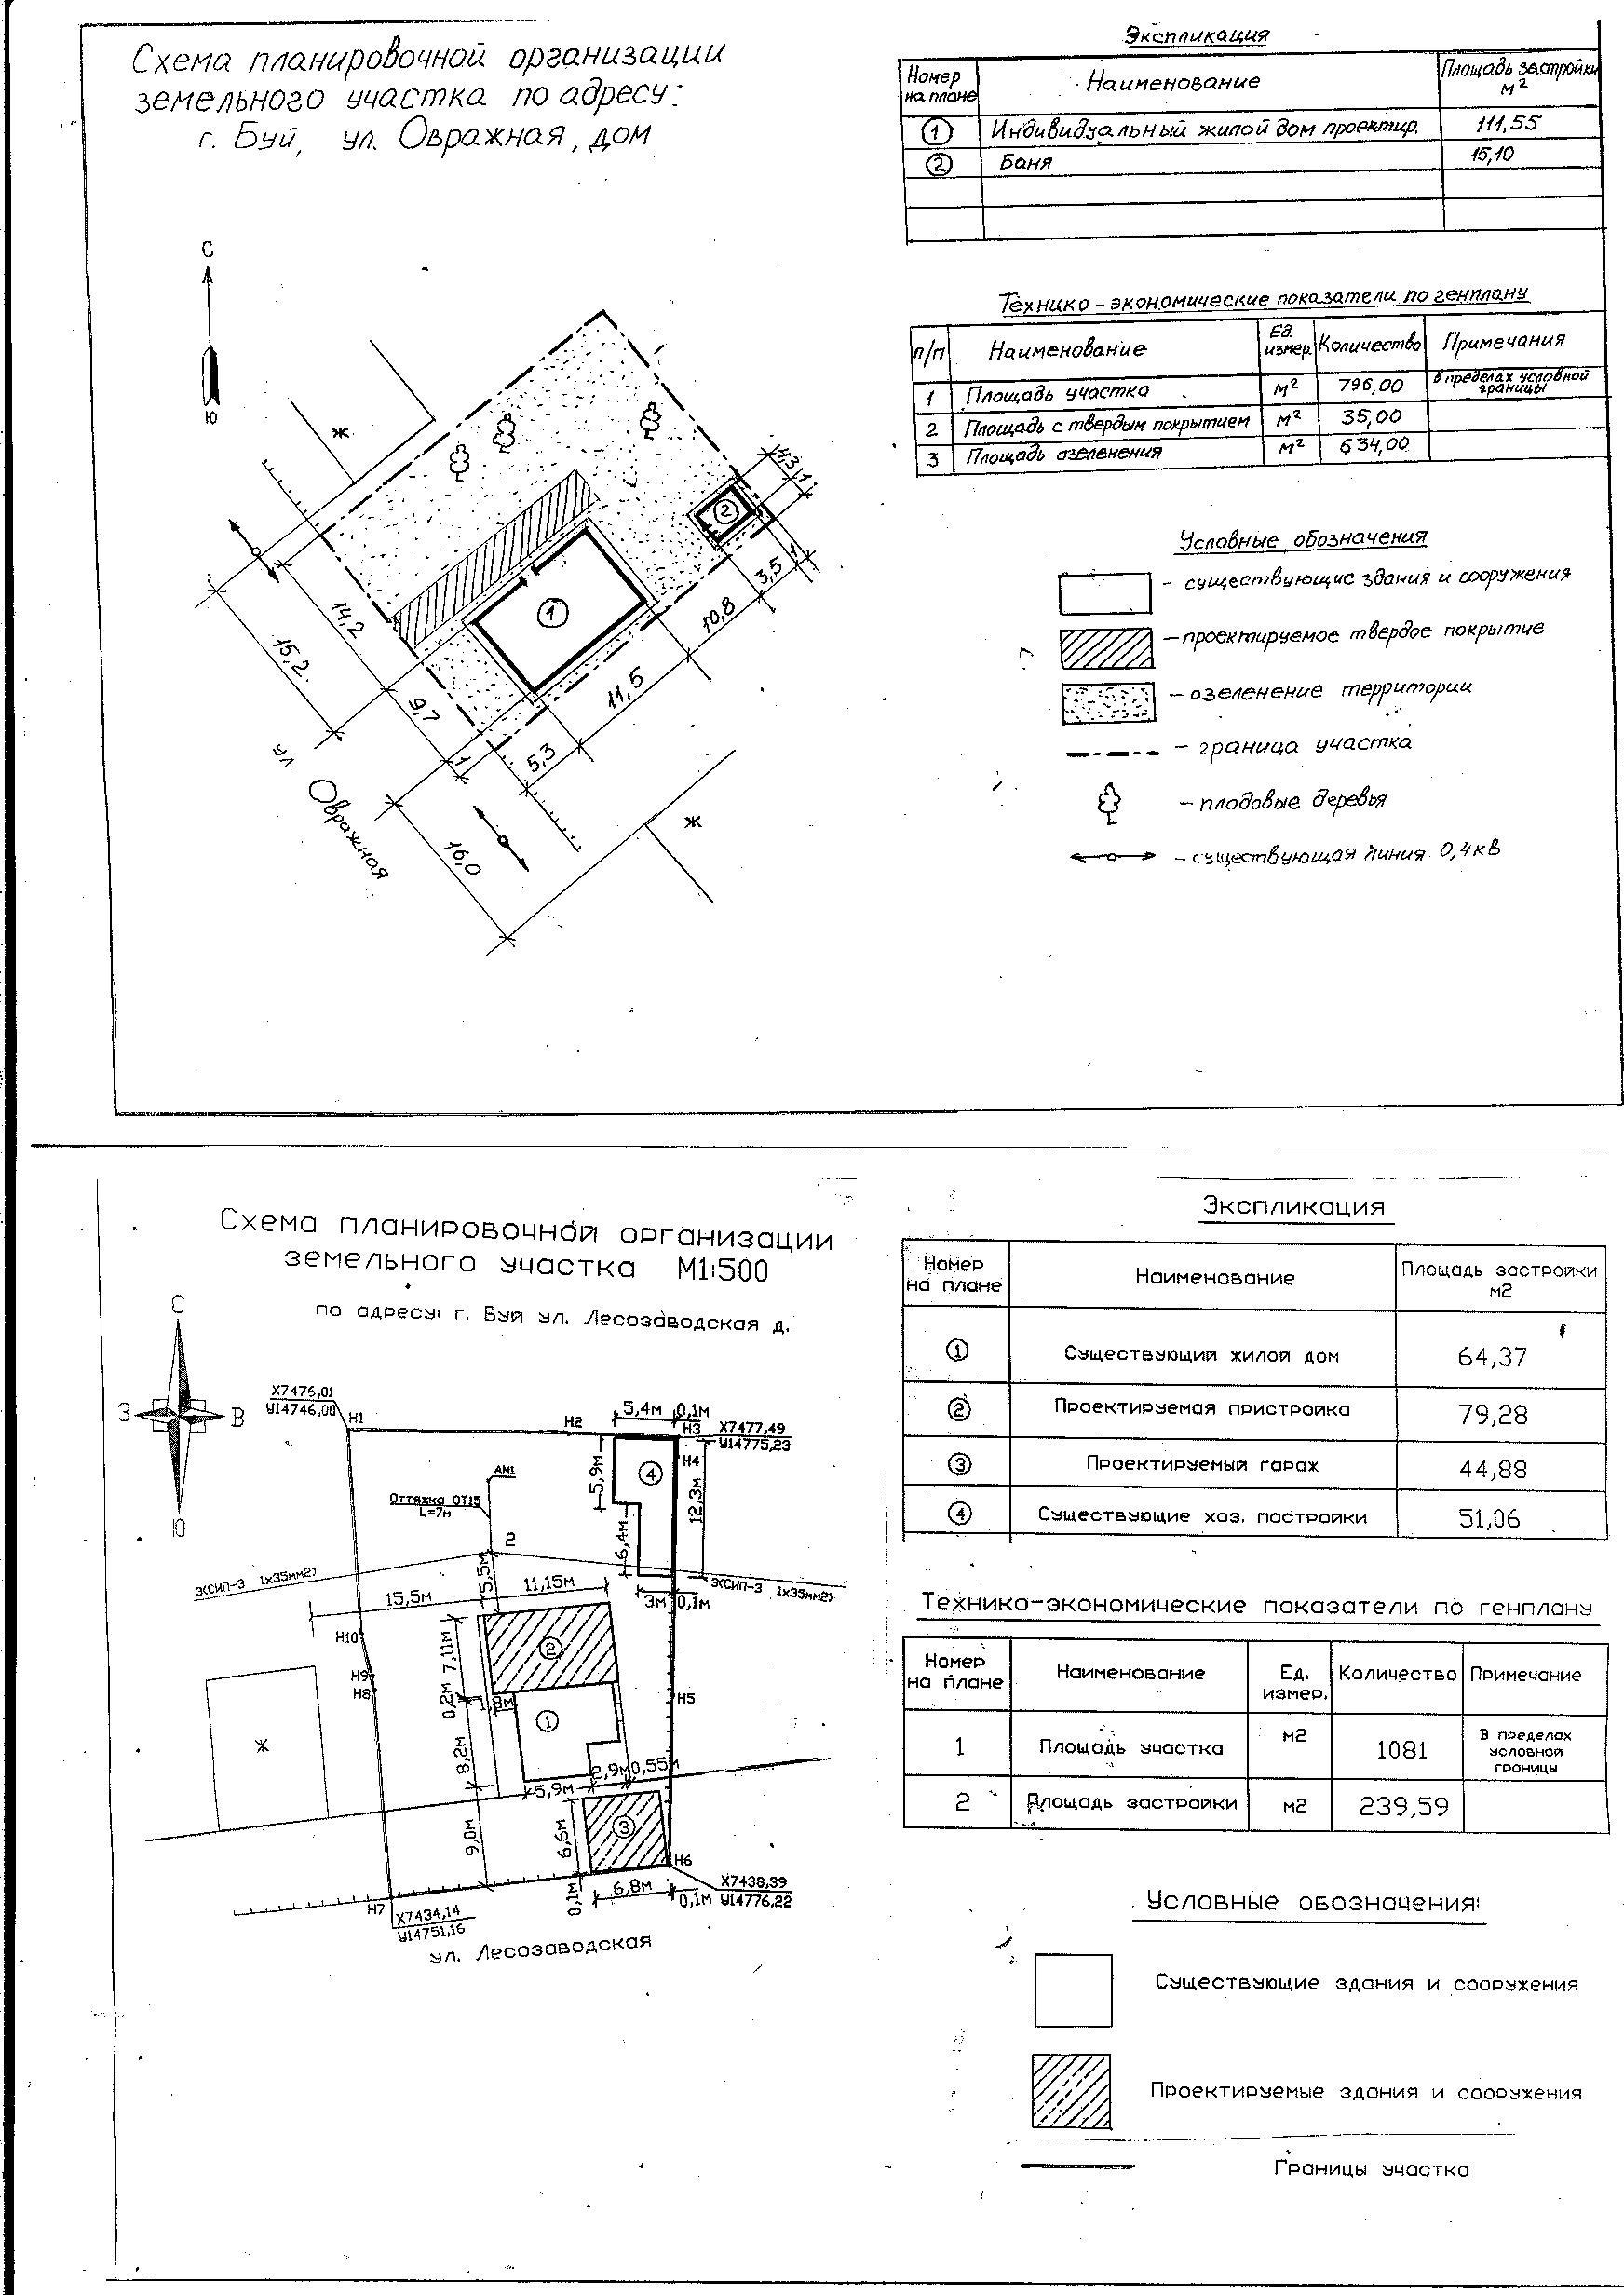 раздел 2 схема планировочной организации земельного участка знаю, насколько